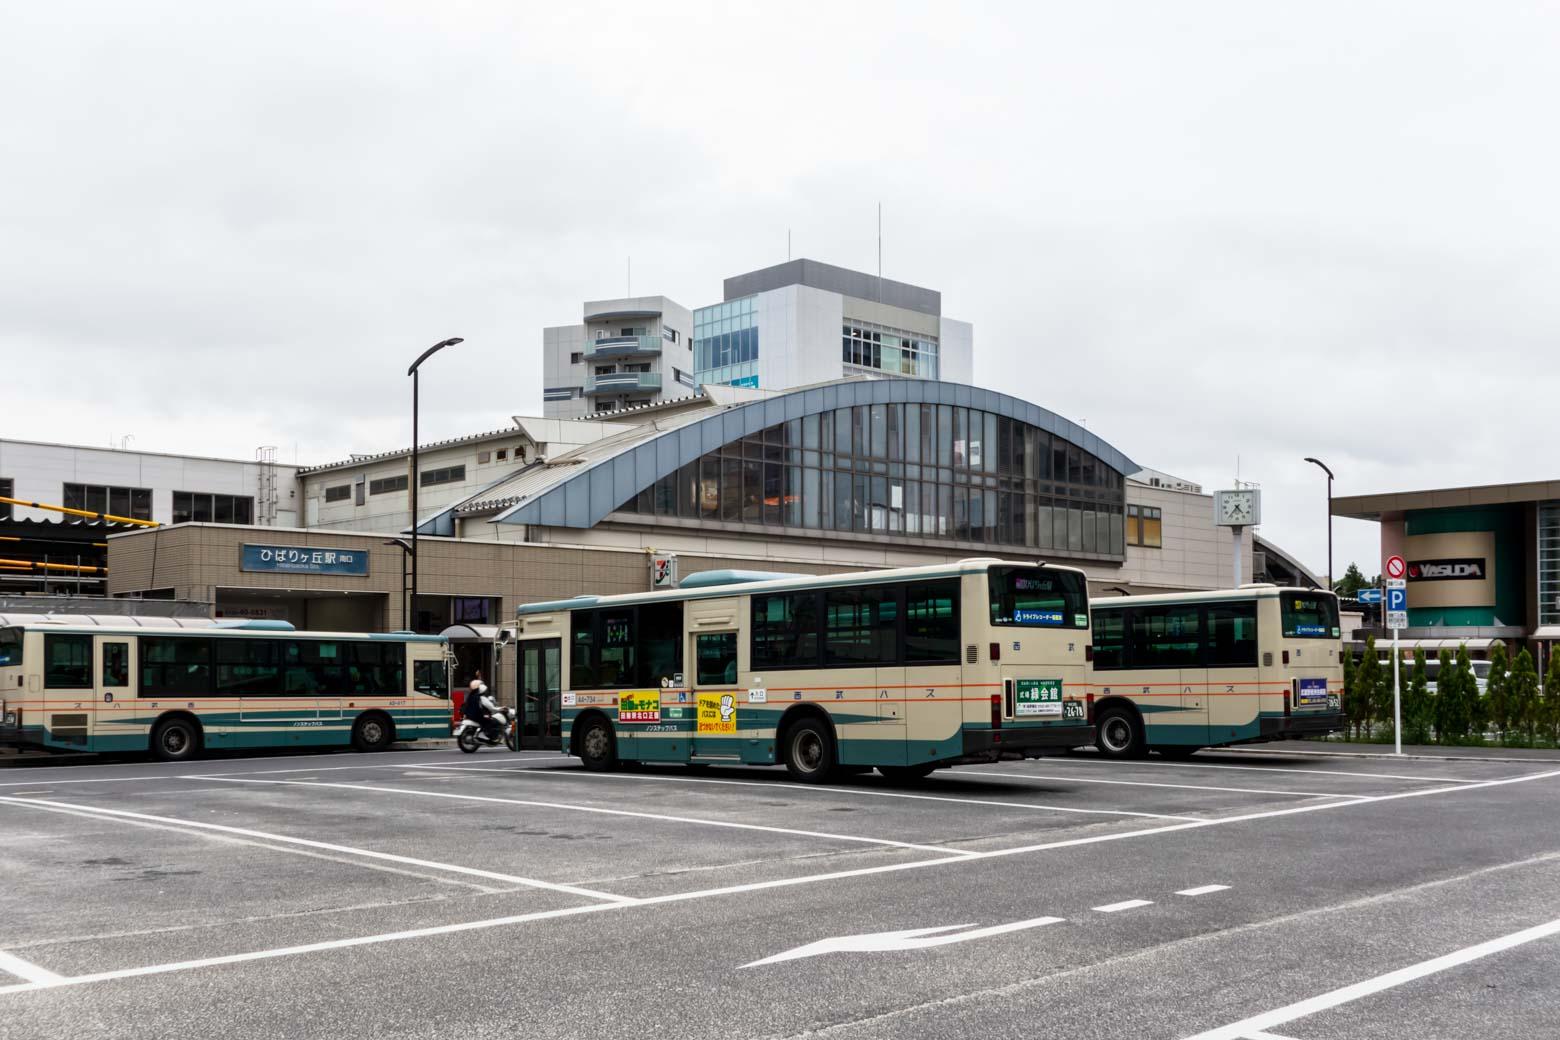 団地を中心に発展したという経緯もあり、バス路線も発達しています。友人曰く、「東西の移動には鉄道を、南北の移動にはバスを使うと便利」とのこと。